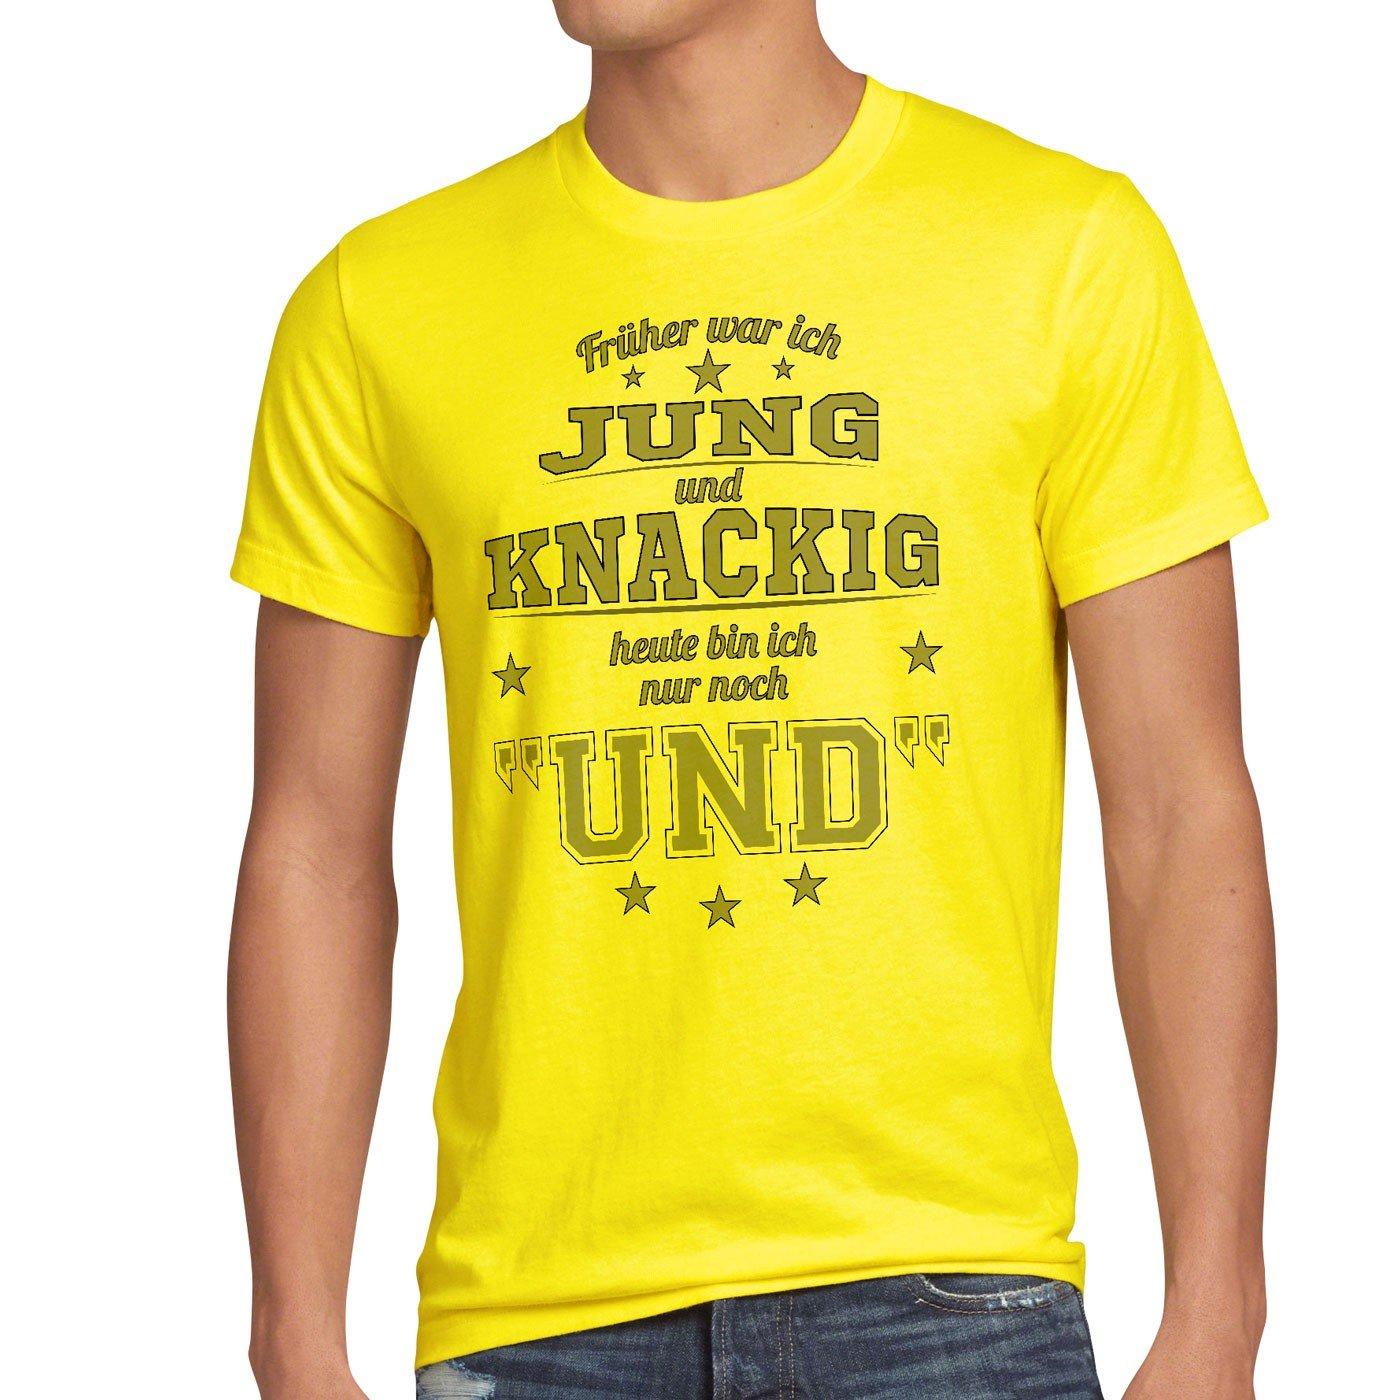 7509ea1d29 style3 Früher War Ich Jung und Knackig Heute Bin Ich Nur Noch und Herren  T-Shirt Funshirt Spruch Shirt Fun: Amazon.de: Bekleidung